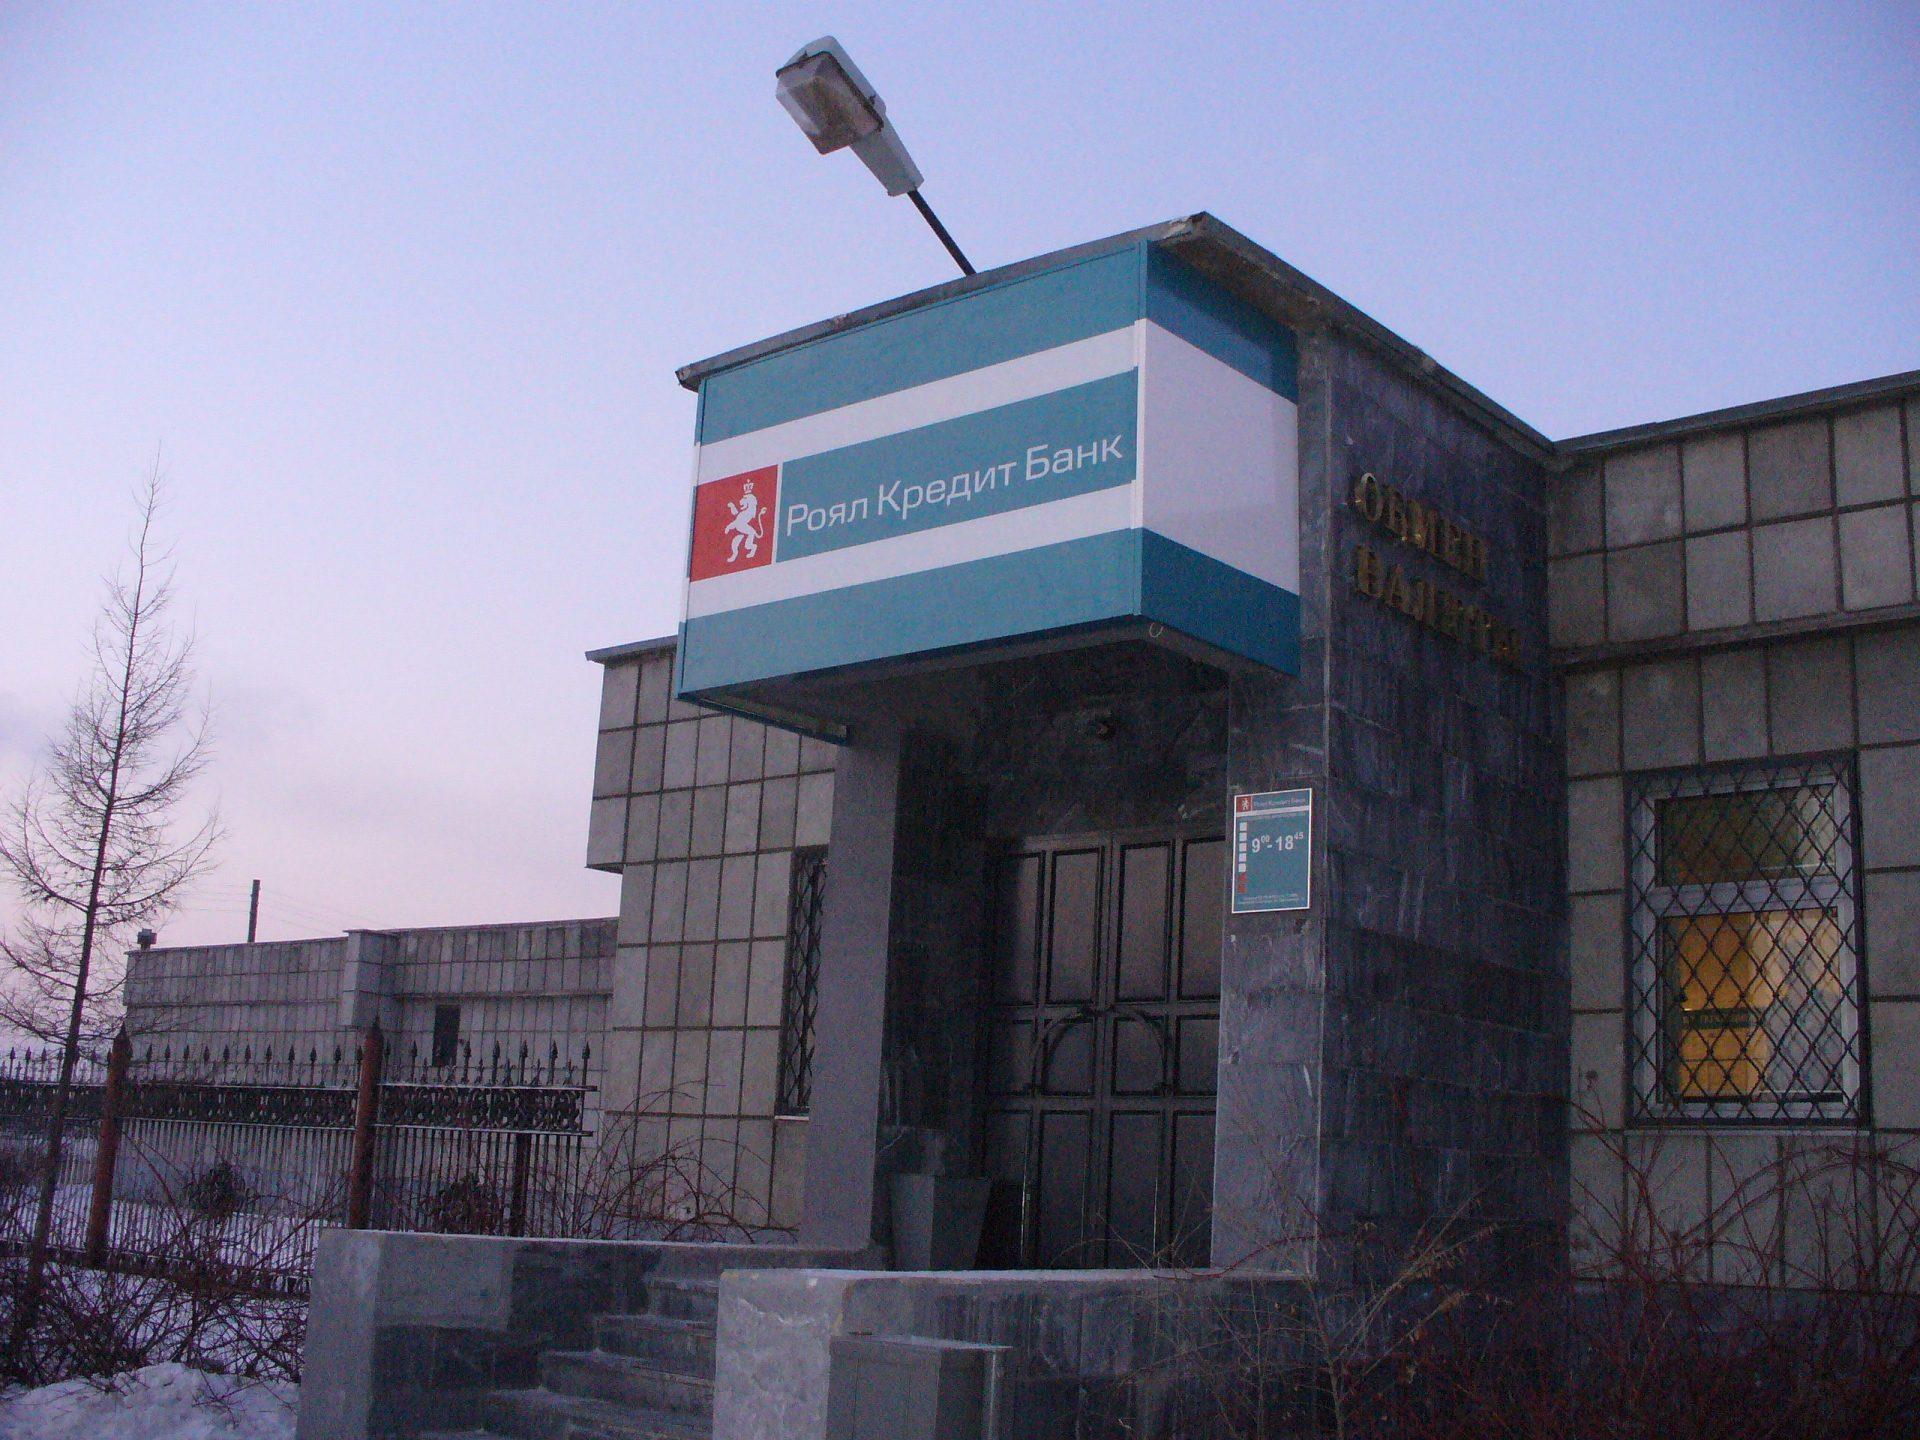 Роял Кредит Банк